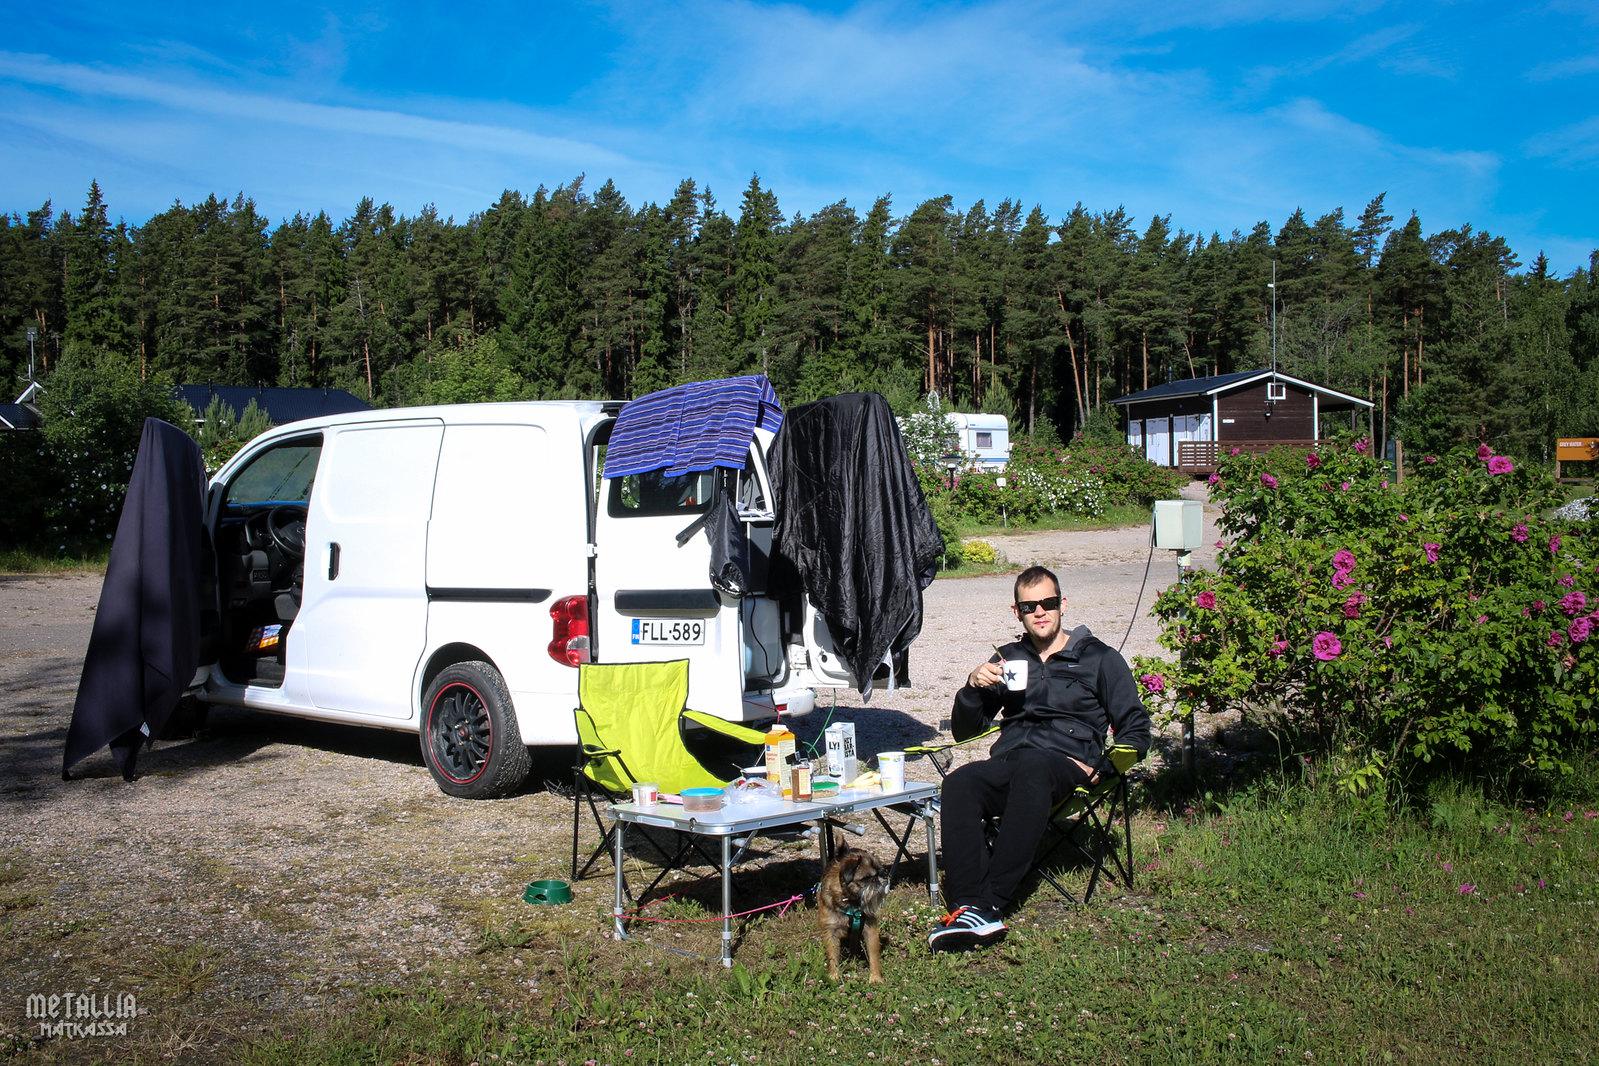 saariston rengastie, mossala island resort, koiran kanssa matkustaminen, autolla saariston rengastielle, saariston lomakeskus